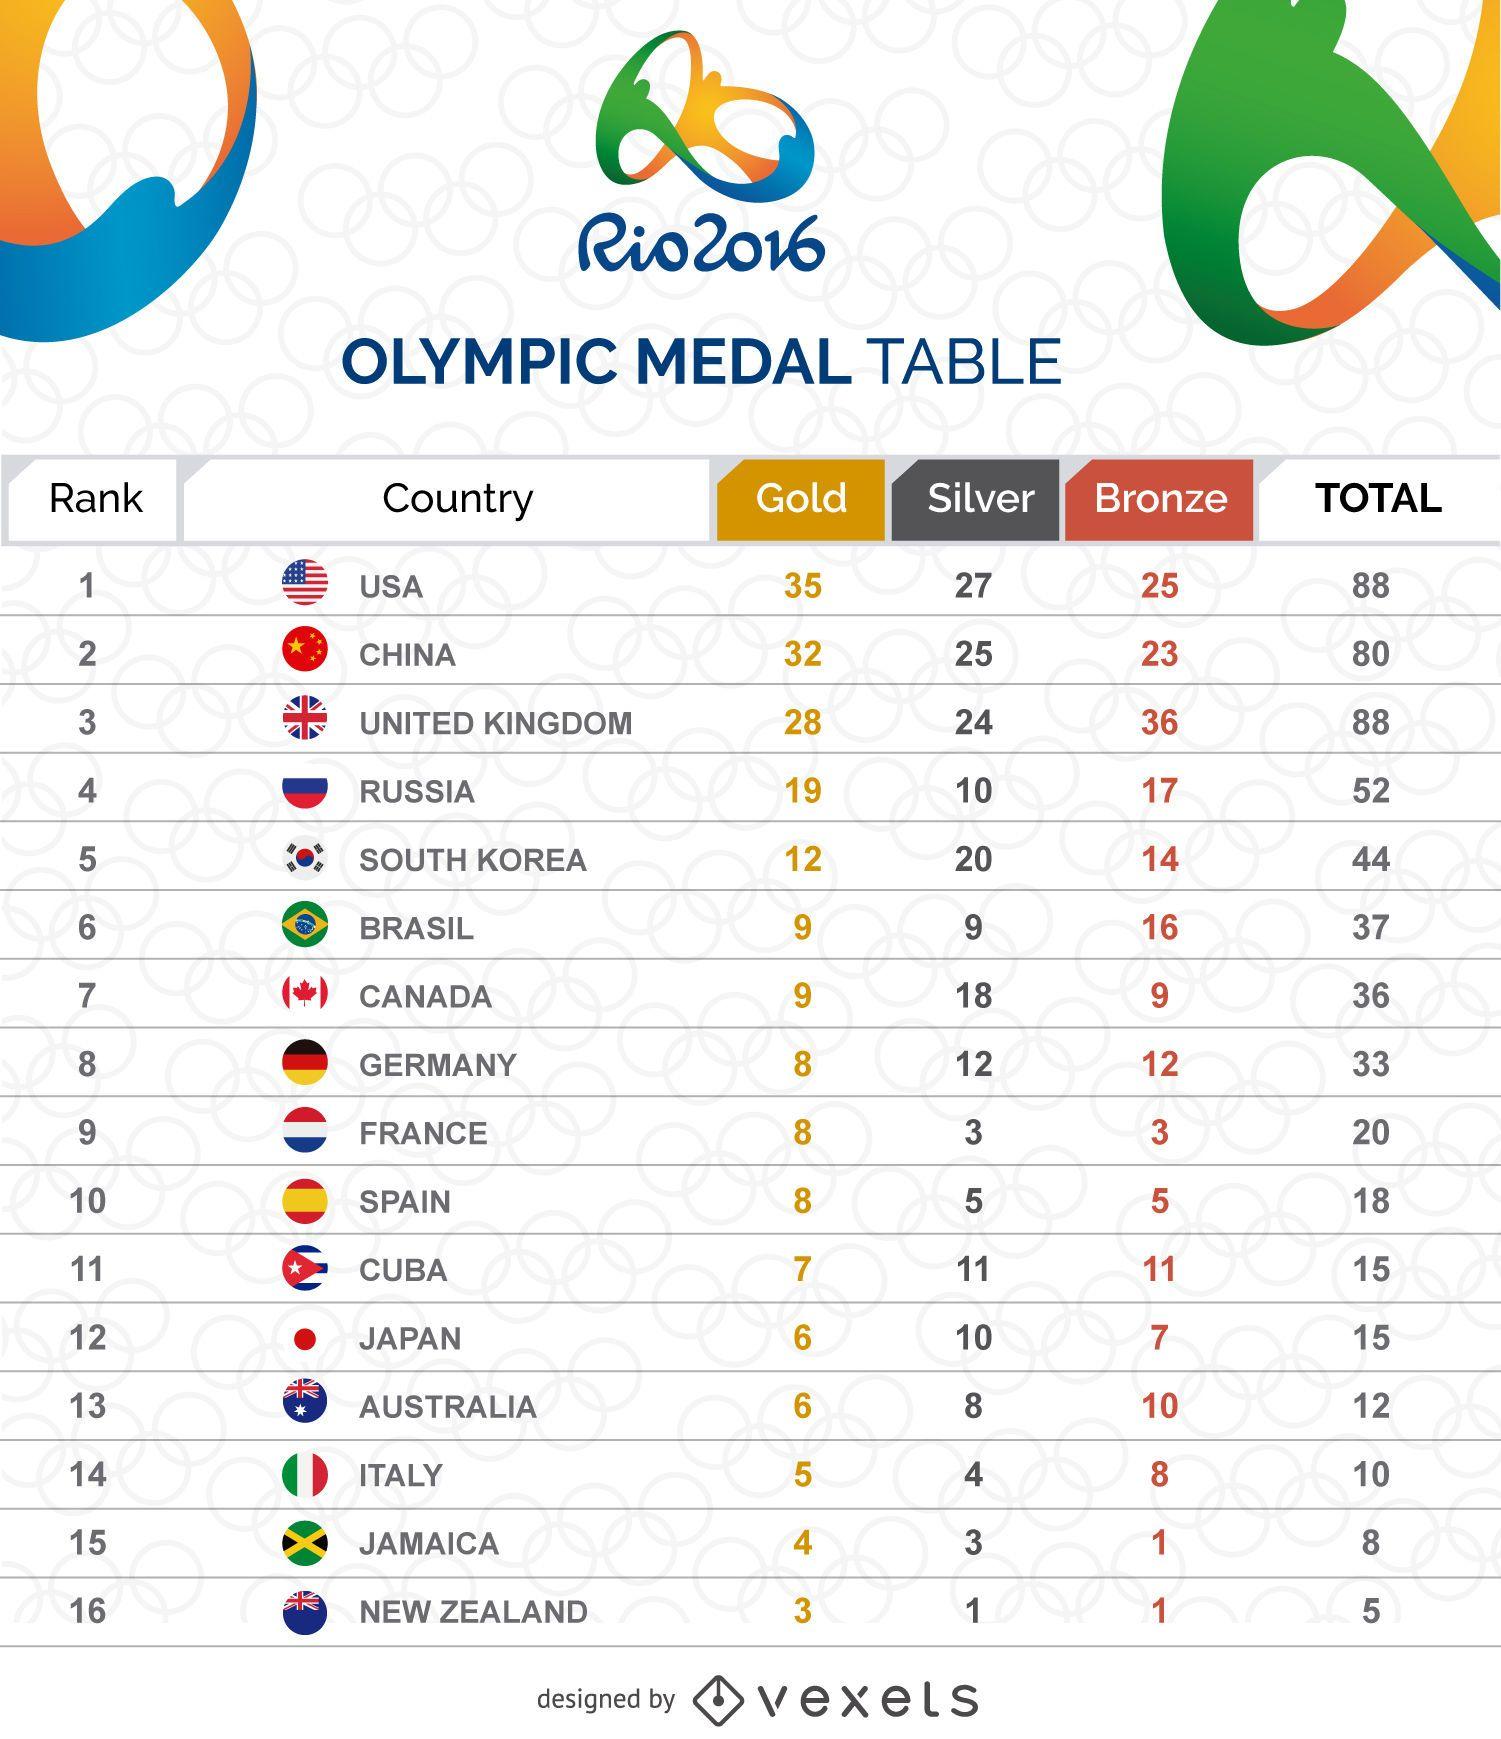 Gráfico de la tabla de medallas olímpicas